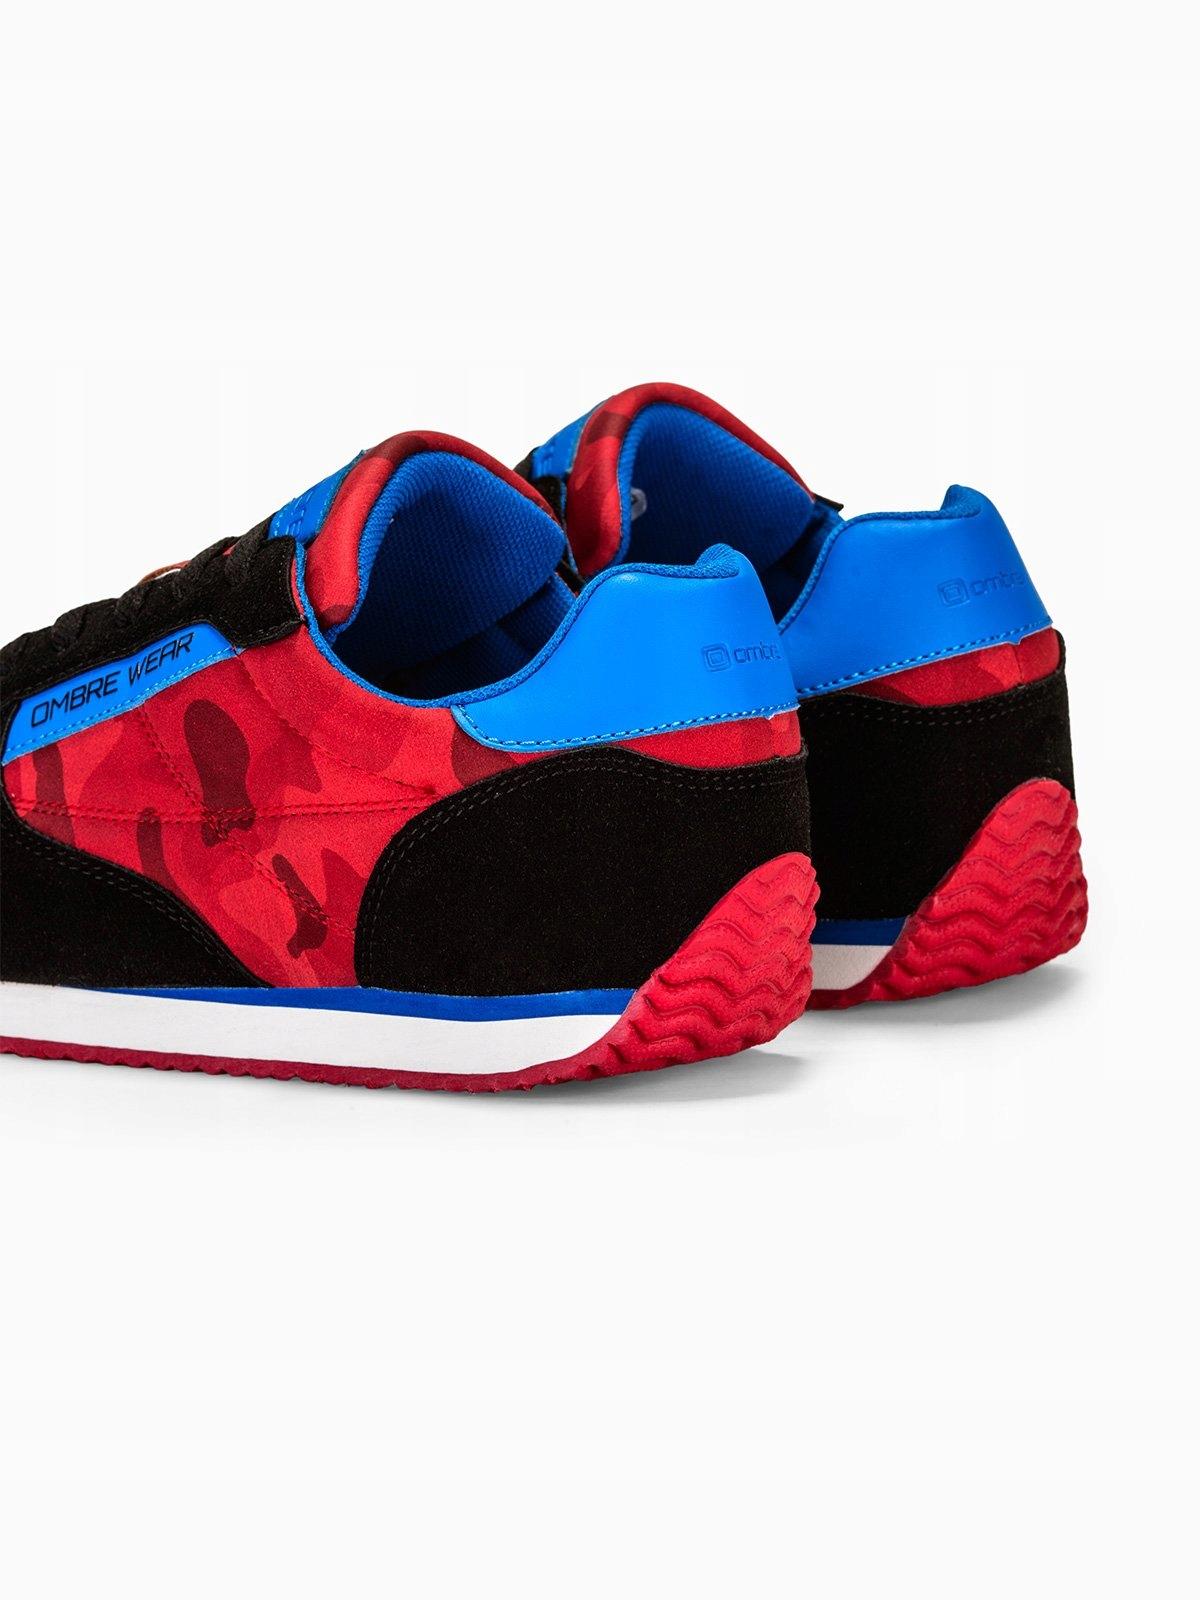 Buty męskie sneakersy T310 czerwone